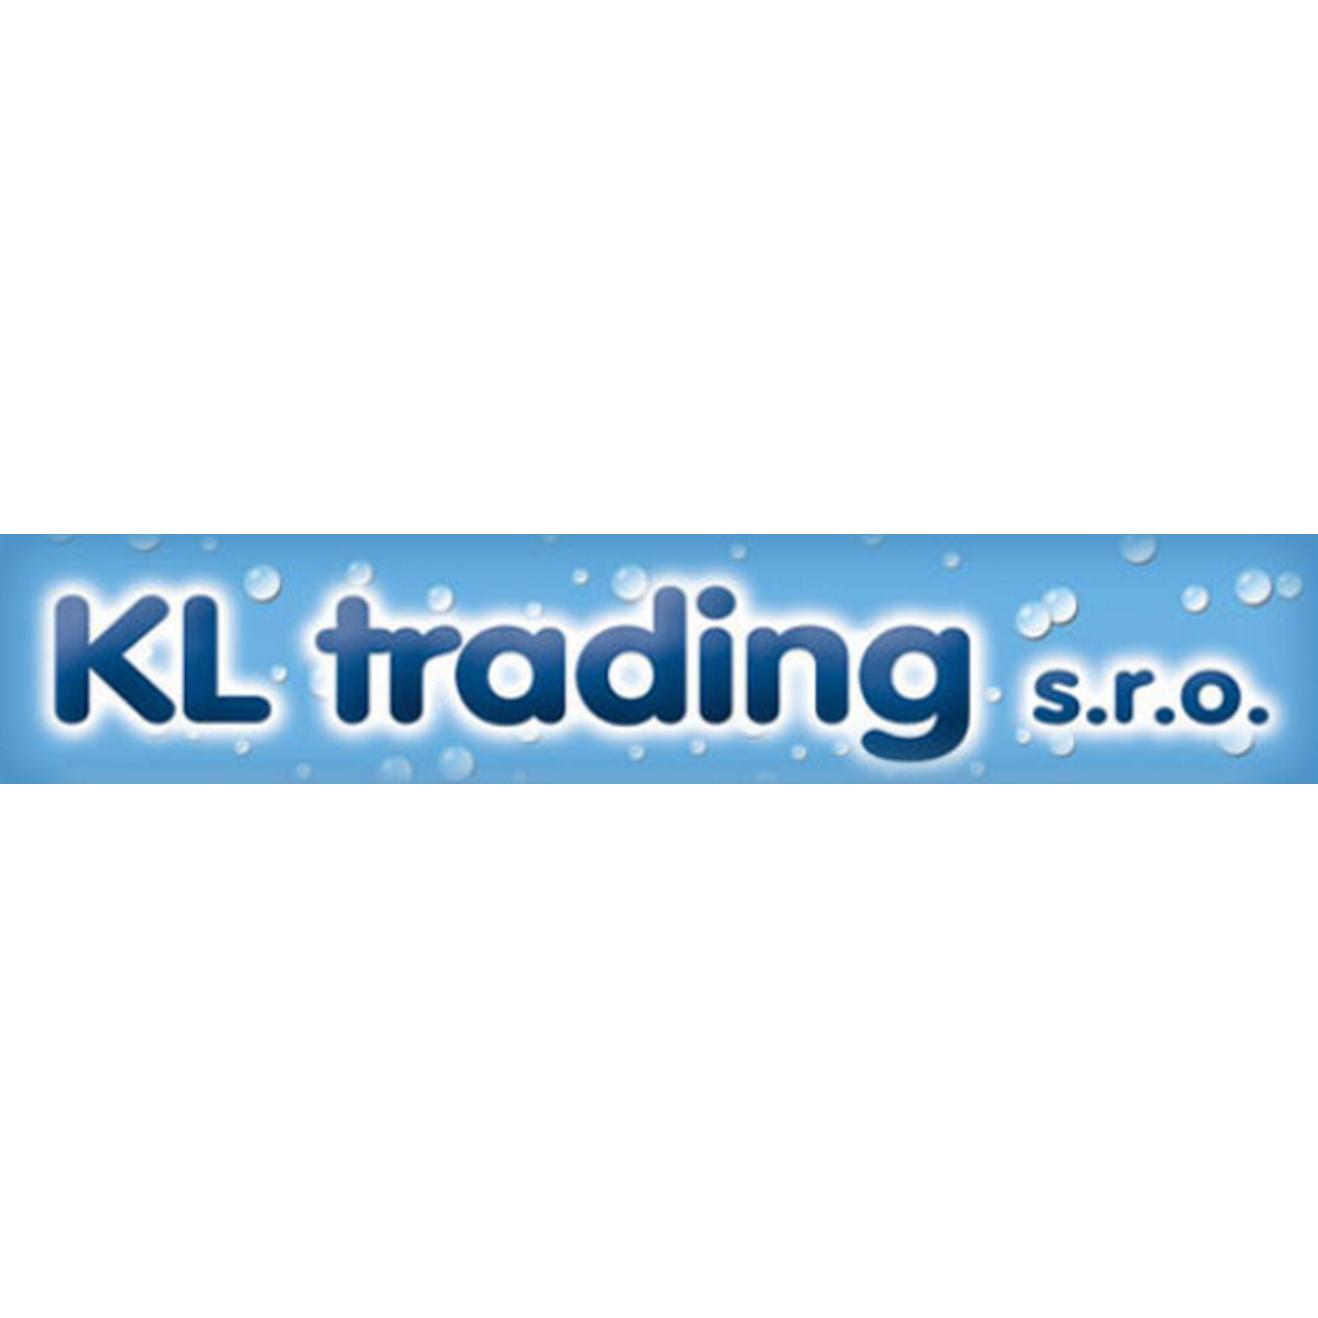 KL trading s.r.o. - skleníky, zastřešení bazénů, světlíky